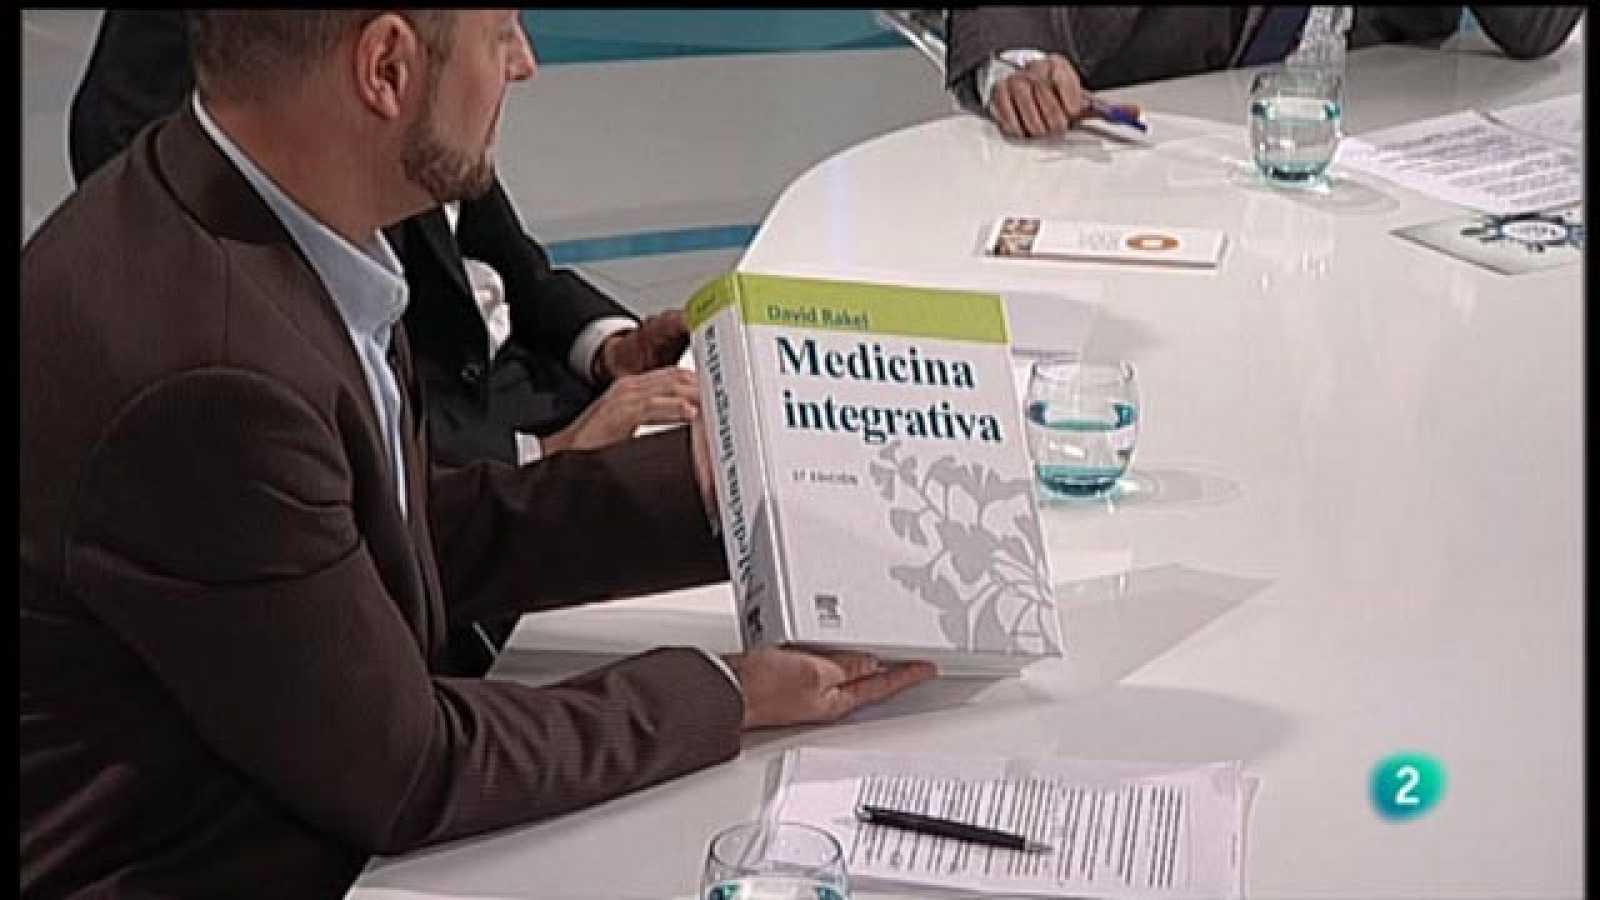 Para todos La 2  - Debate -  Medicina integrativa